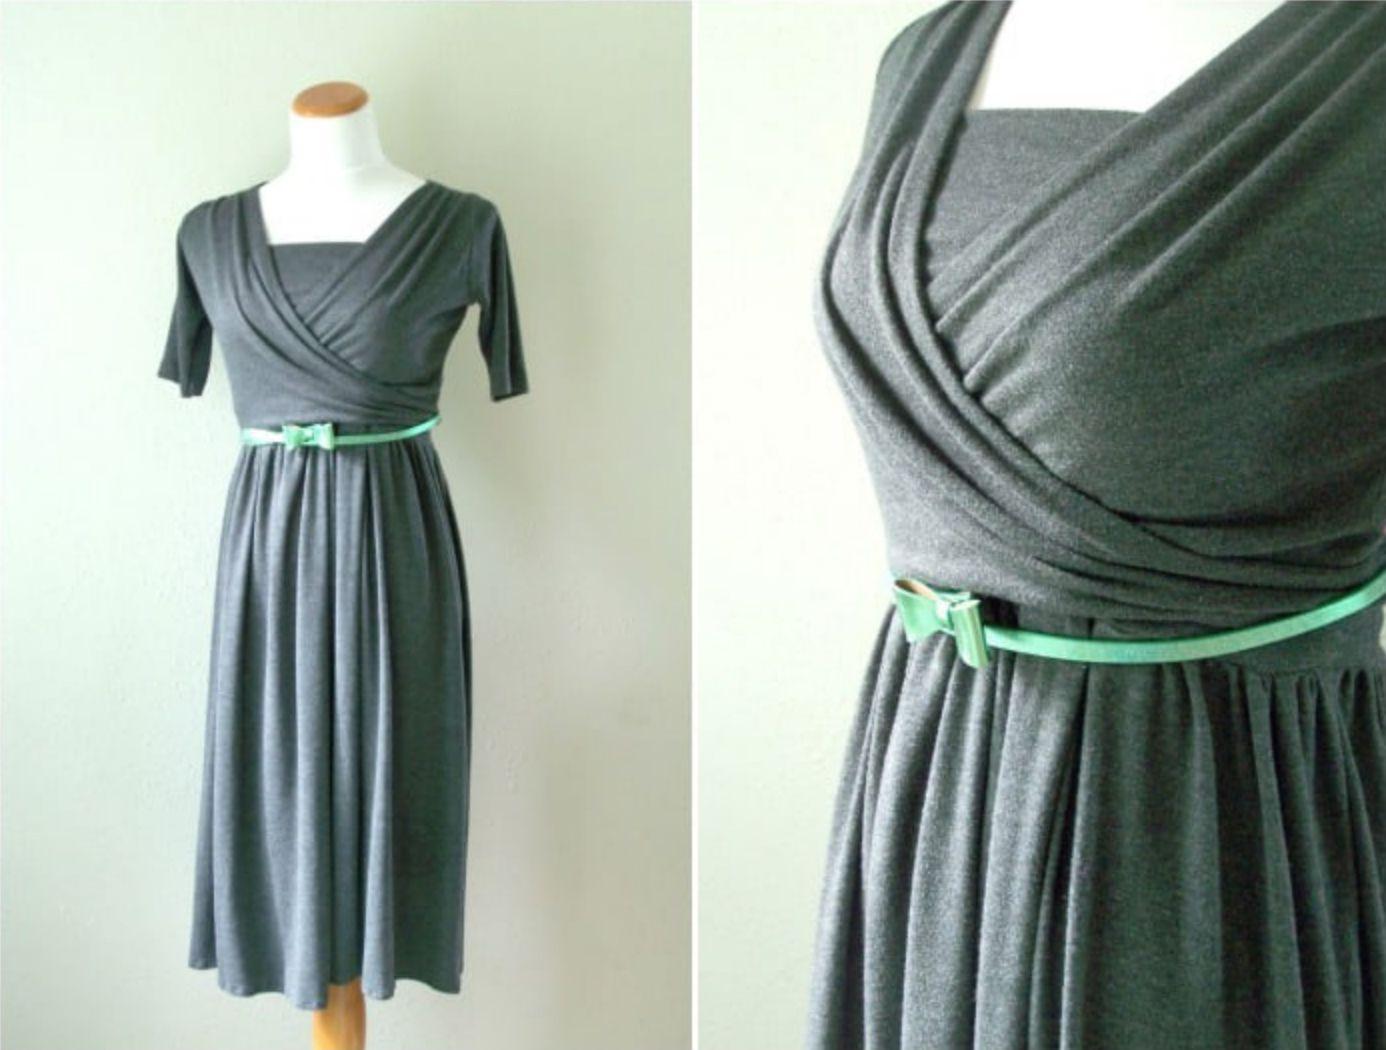 Two-Piece Knit Wrap Nursing Dress Pattern